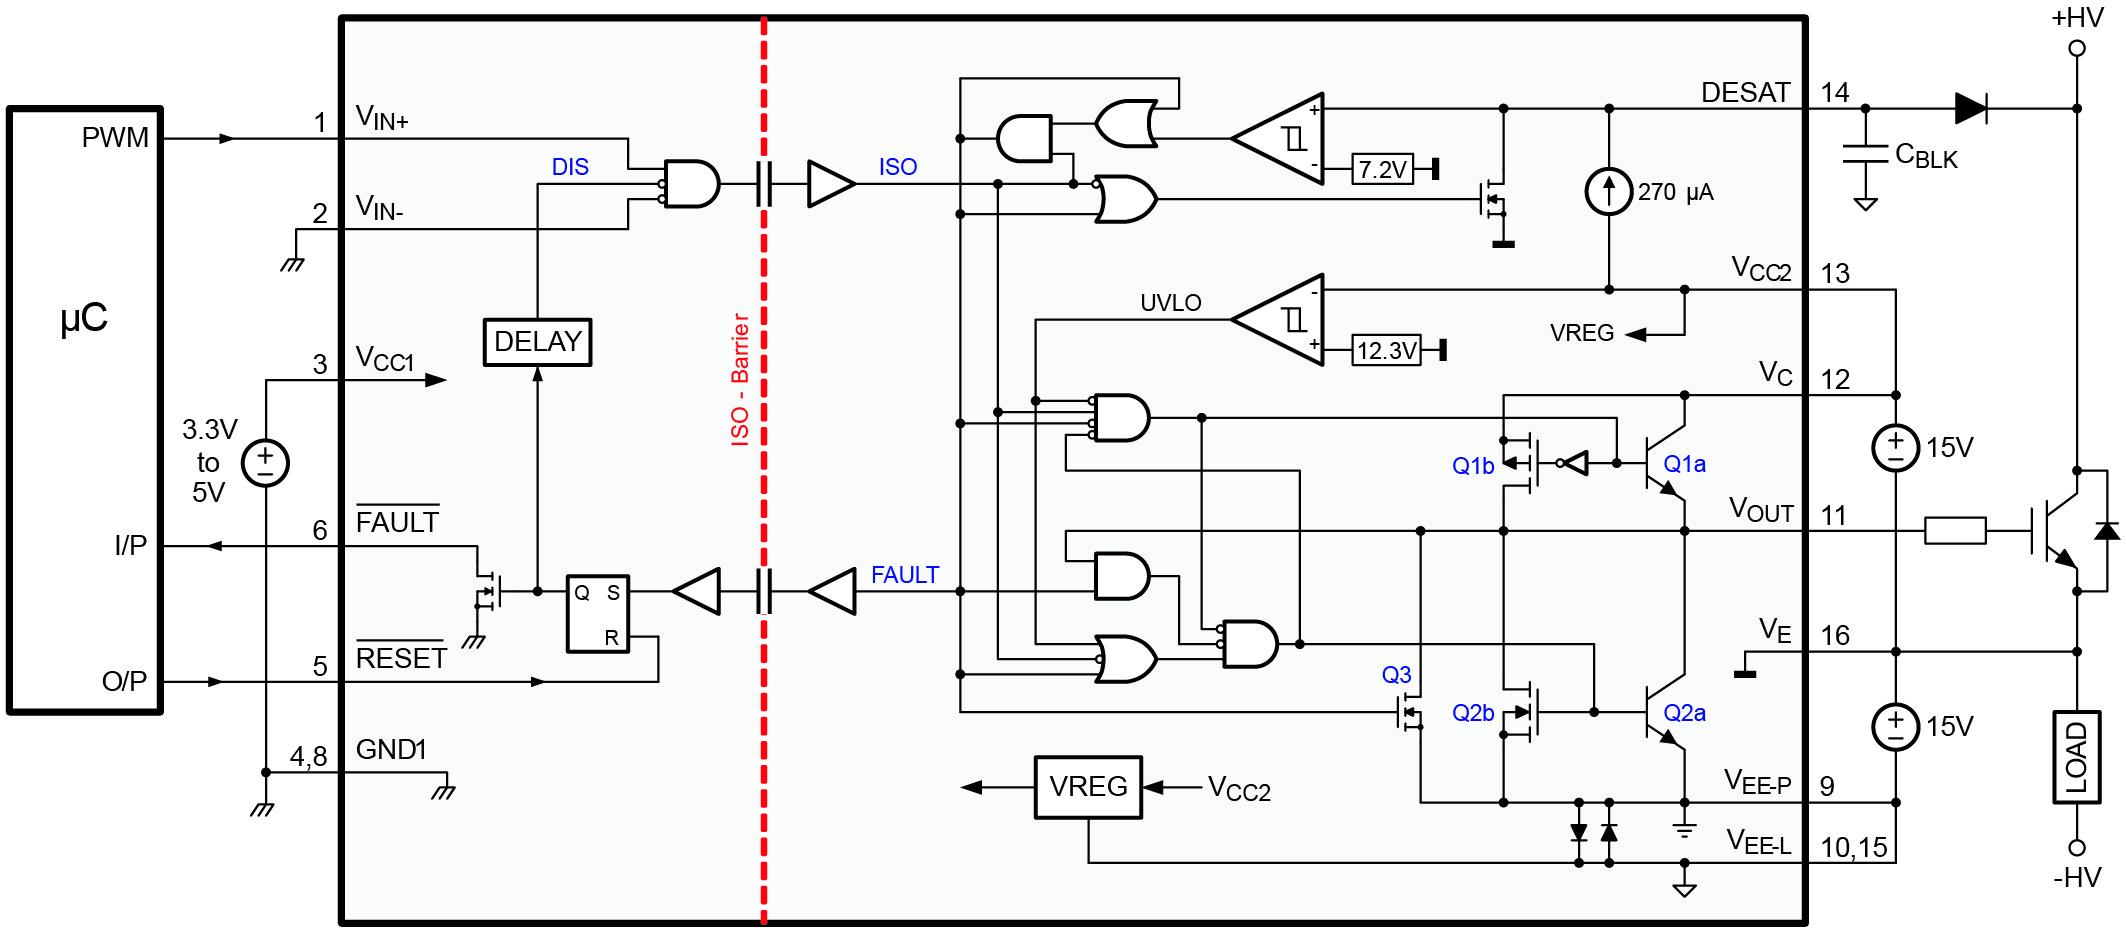 Структурная схема микросхемы ISO5500 и способ ее включения для неинвертирующей конфигурации входа и с применением IGBT